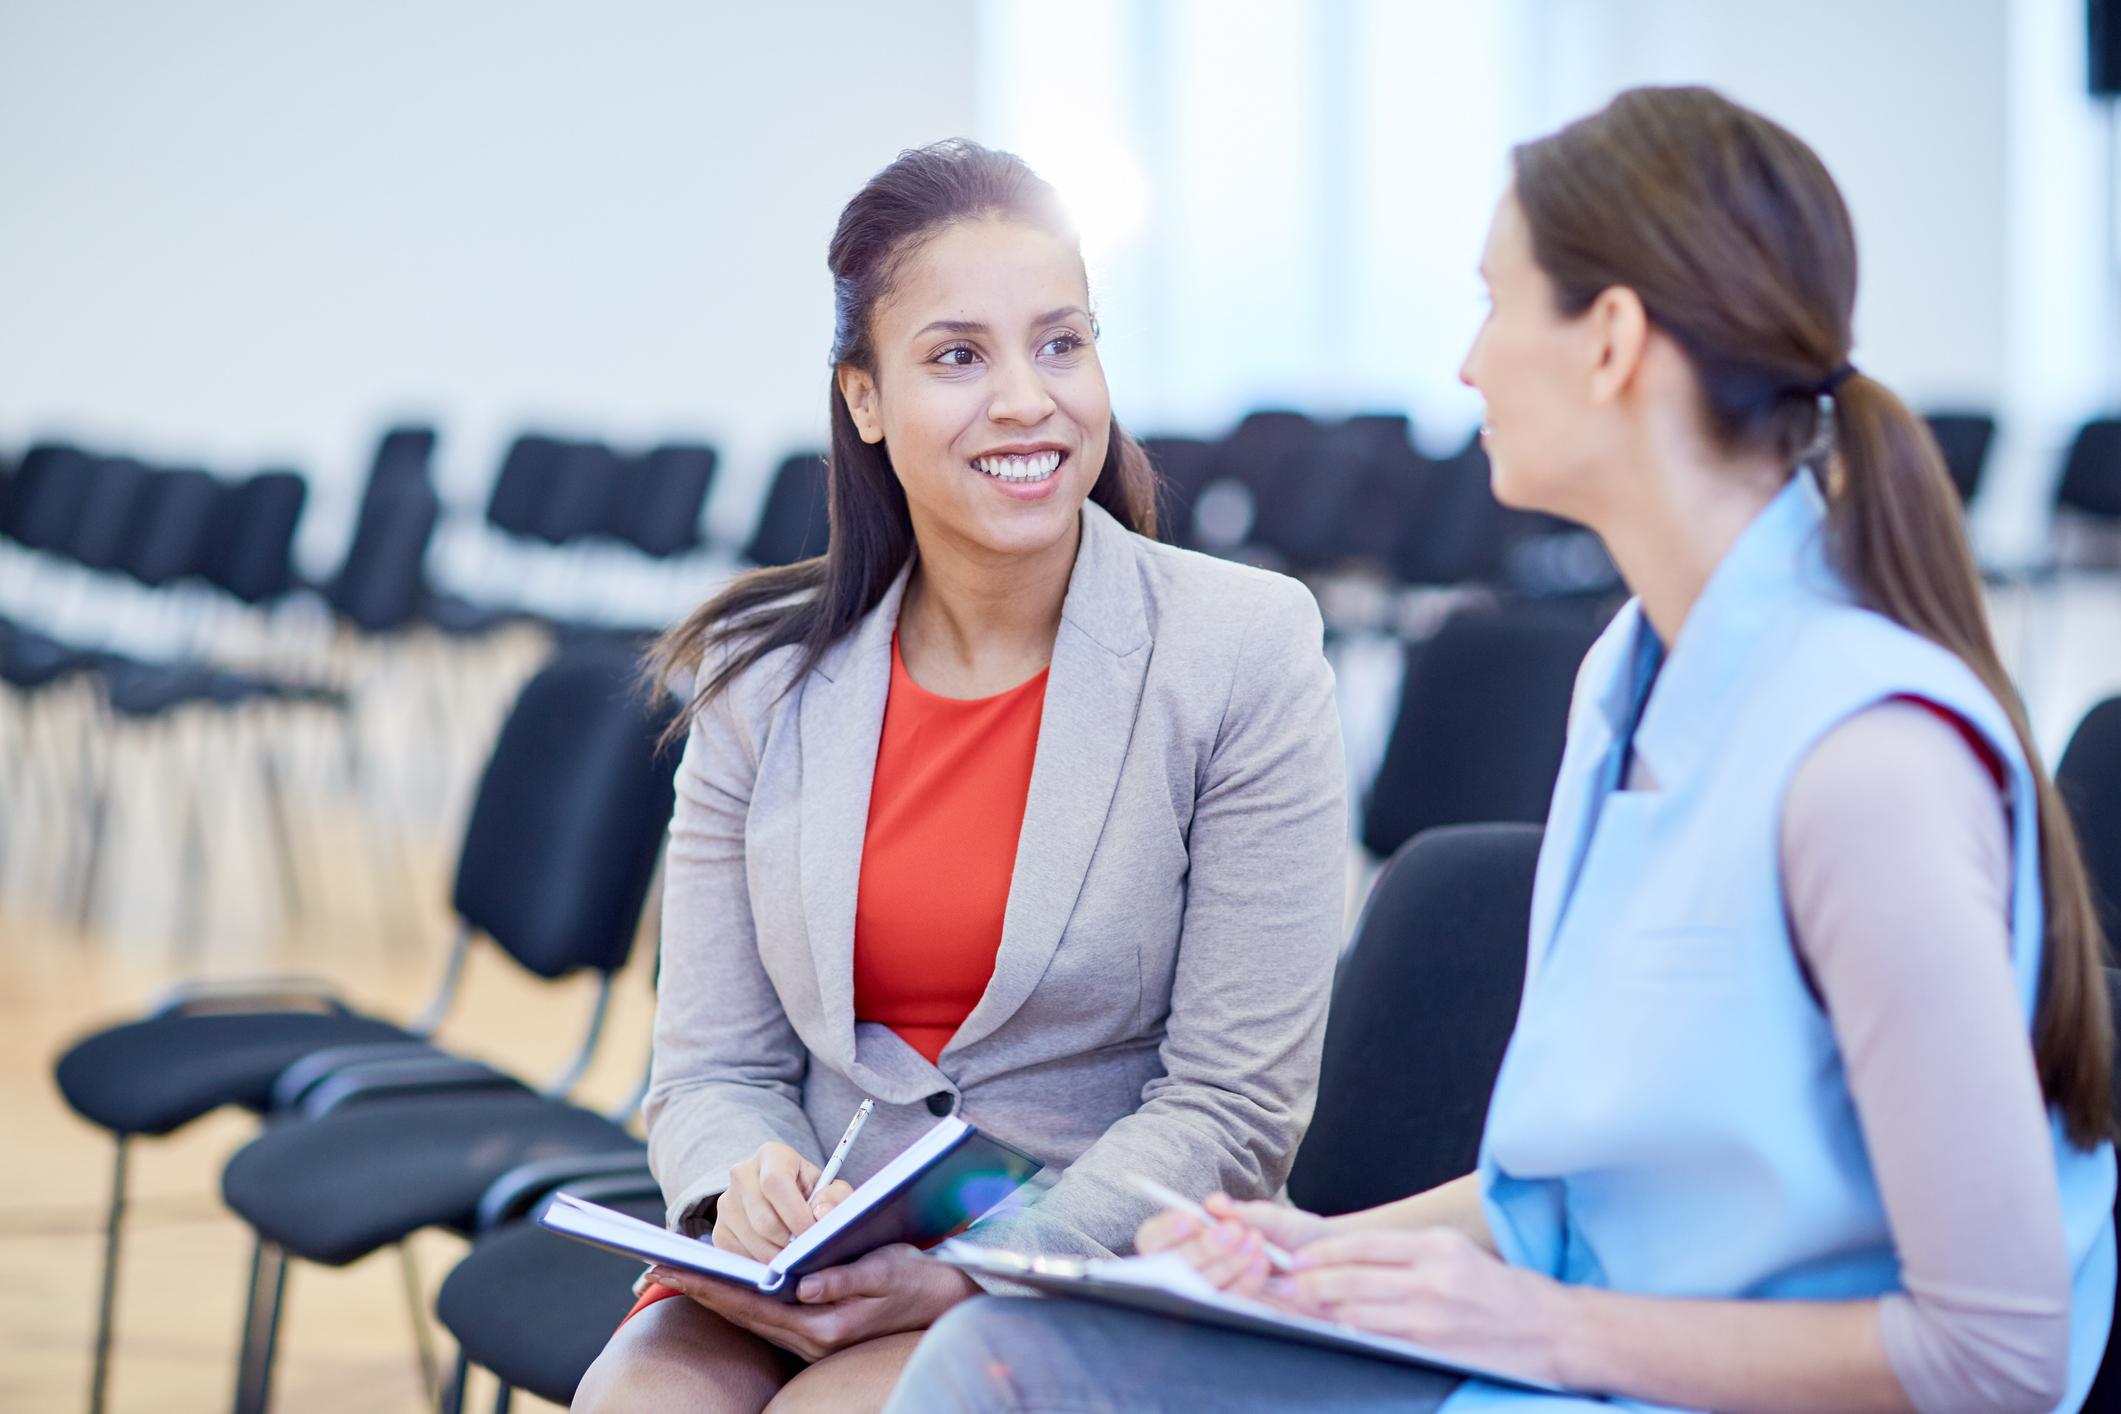 Women planning work